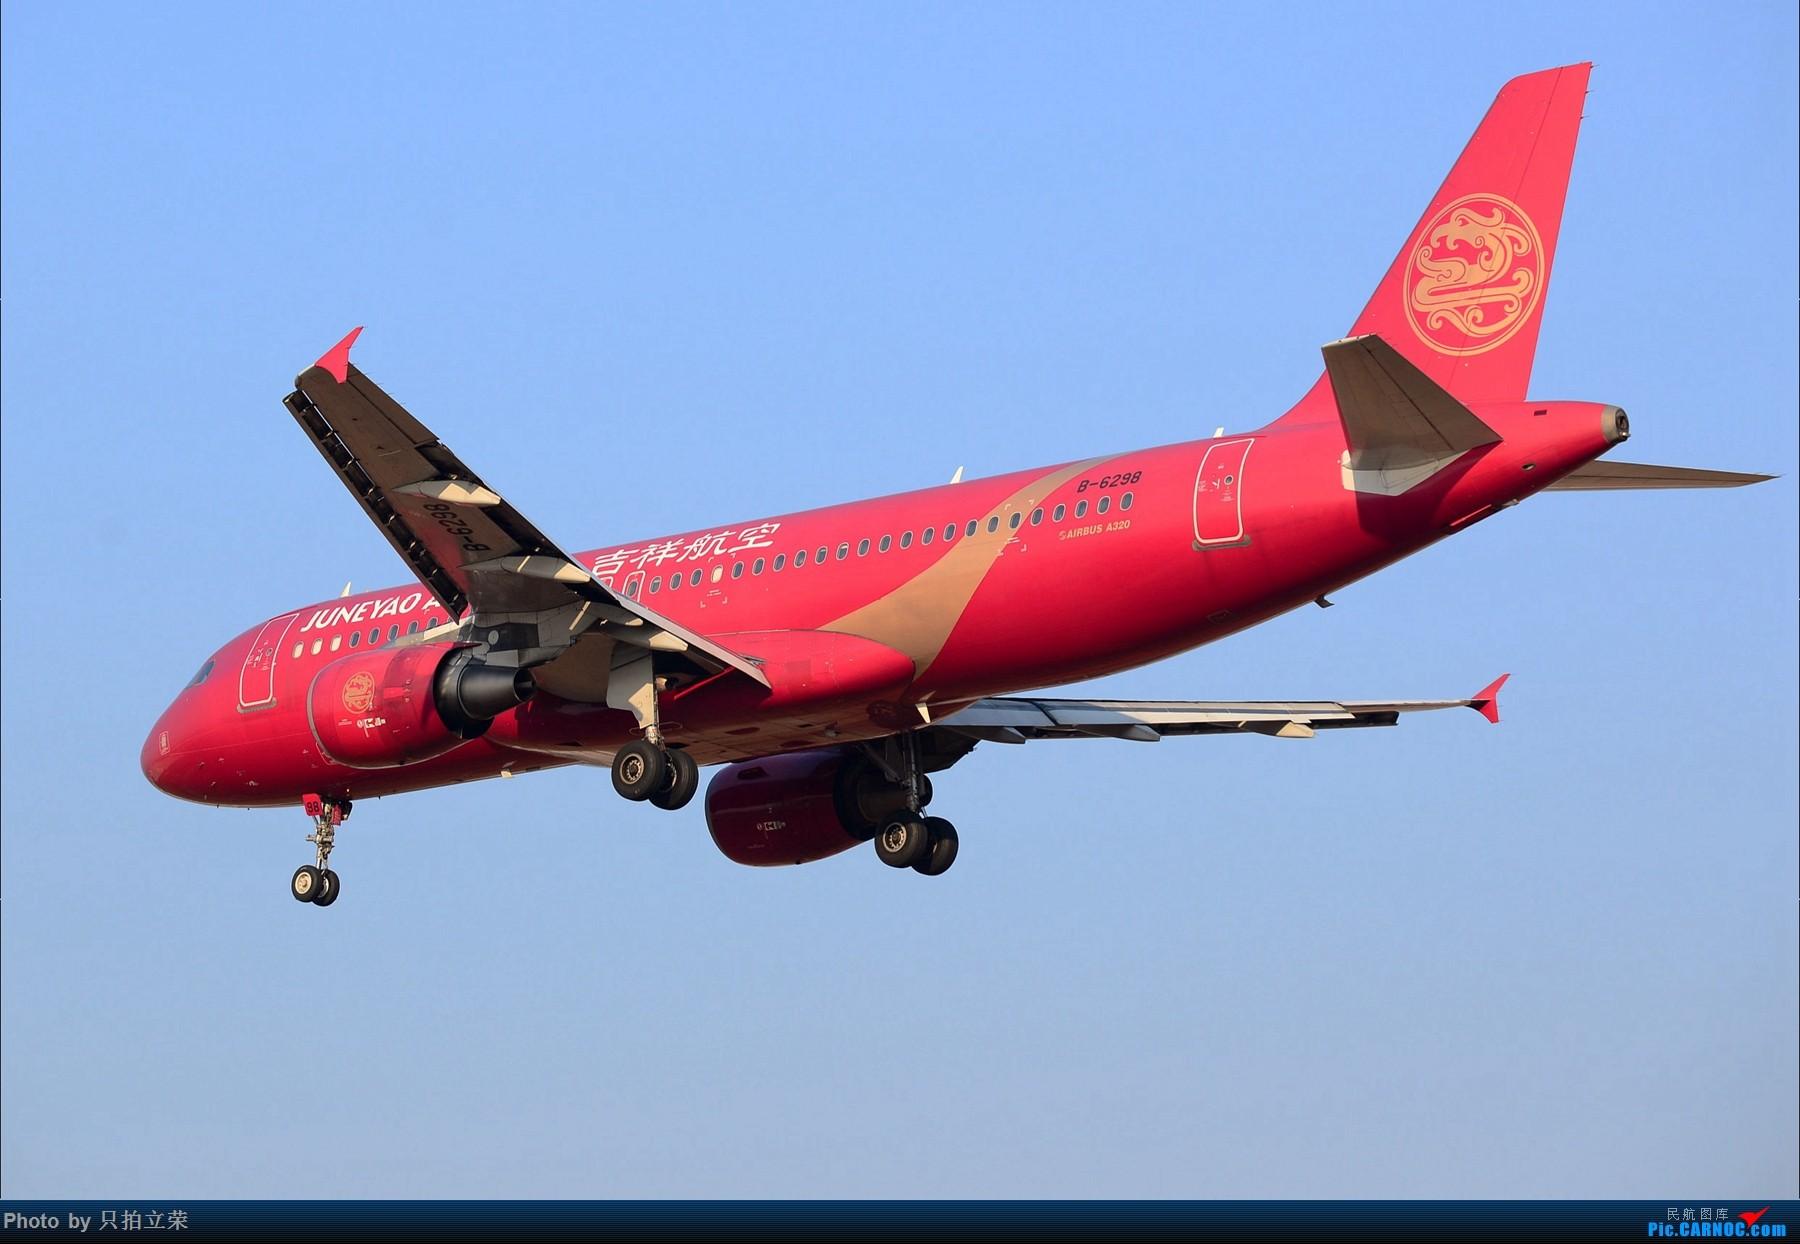 Re:[原创]湖南飞友会-难得好天气巴铁伊尔-78再访长沙! AIRBUS A320-200 B-6298 中国长沙黄花国际机场